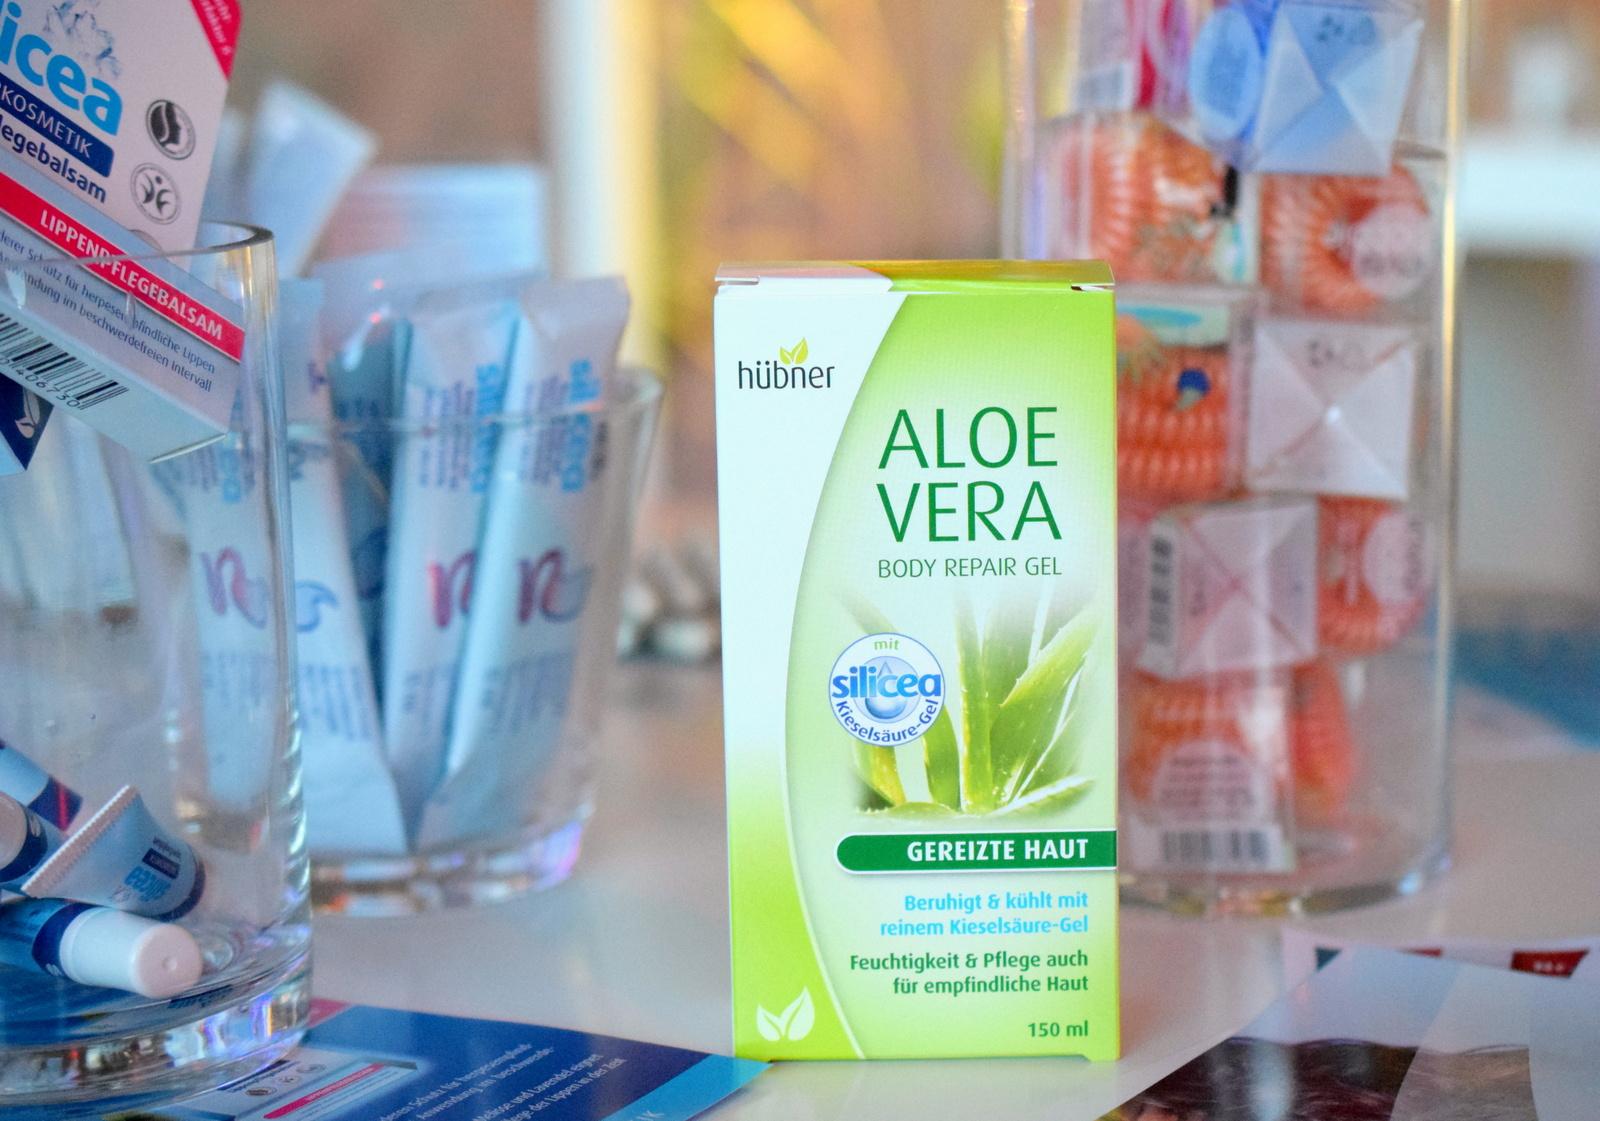 Yupik Infodays 2016 in Baden Baden München und Hamburg hatten auch Hübner als Stand mit den Aloe Vera Körperpflege Produkten.